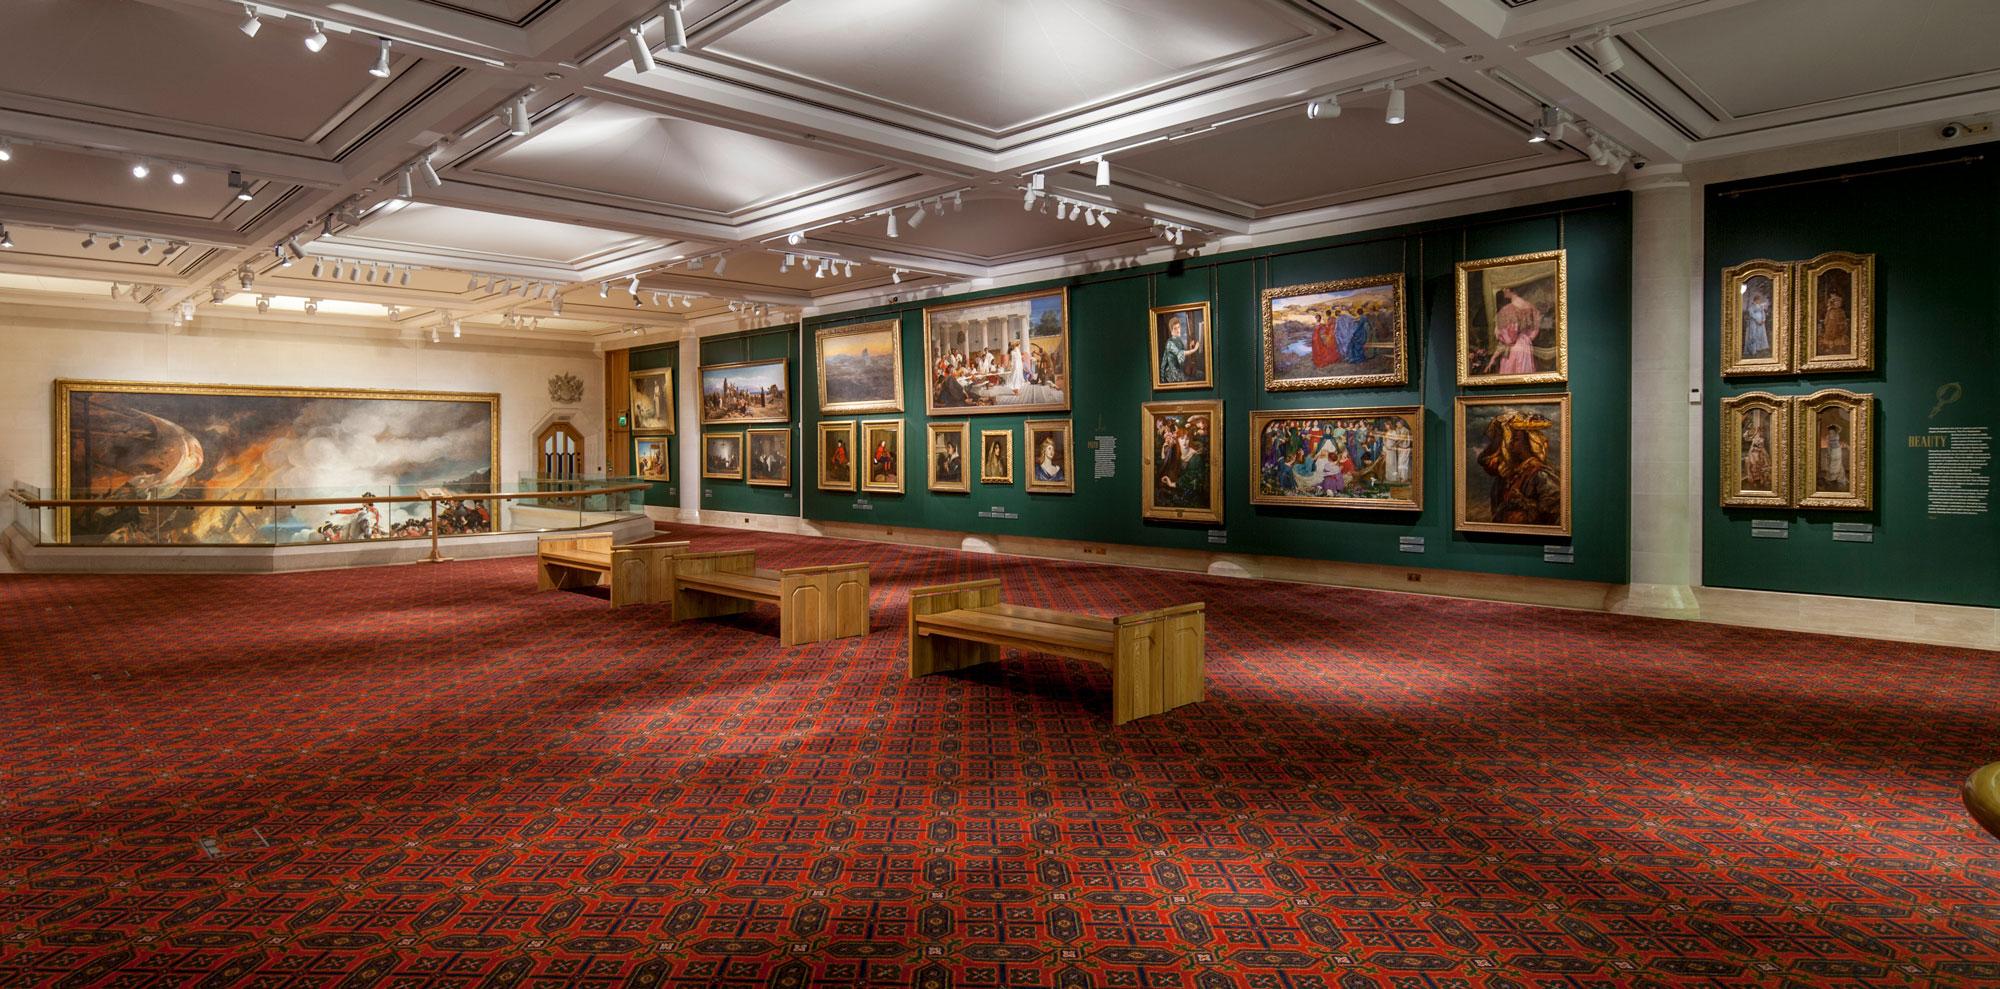 Eventi d 39 arte in europa pitturiamo magazine for Minimal art gallery london